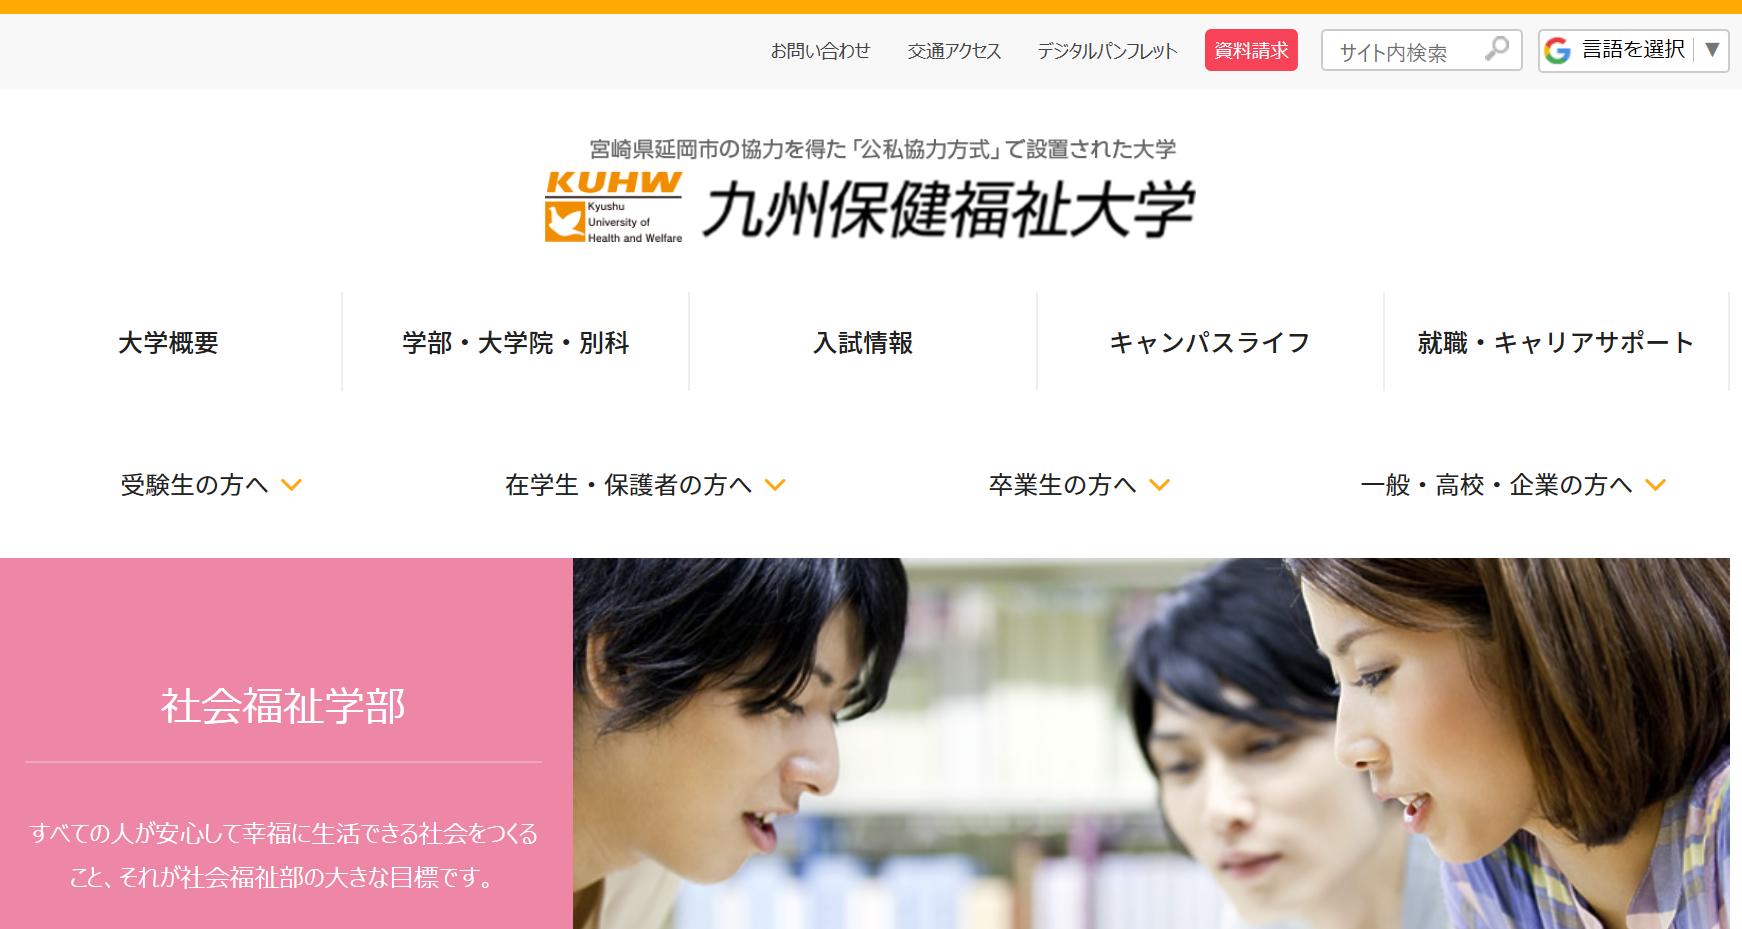 九州保健福祉大学の評判・口コミ【社会福祉学部編】